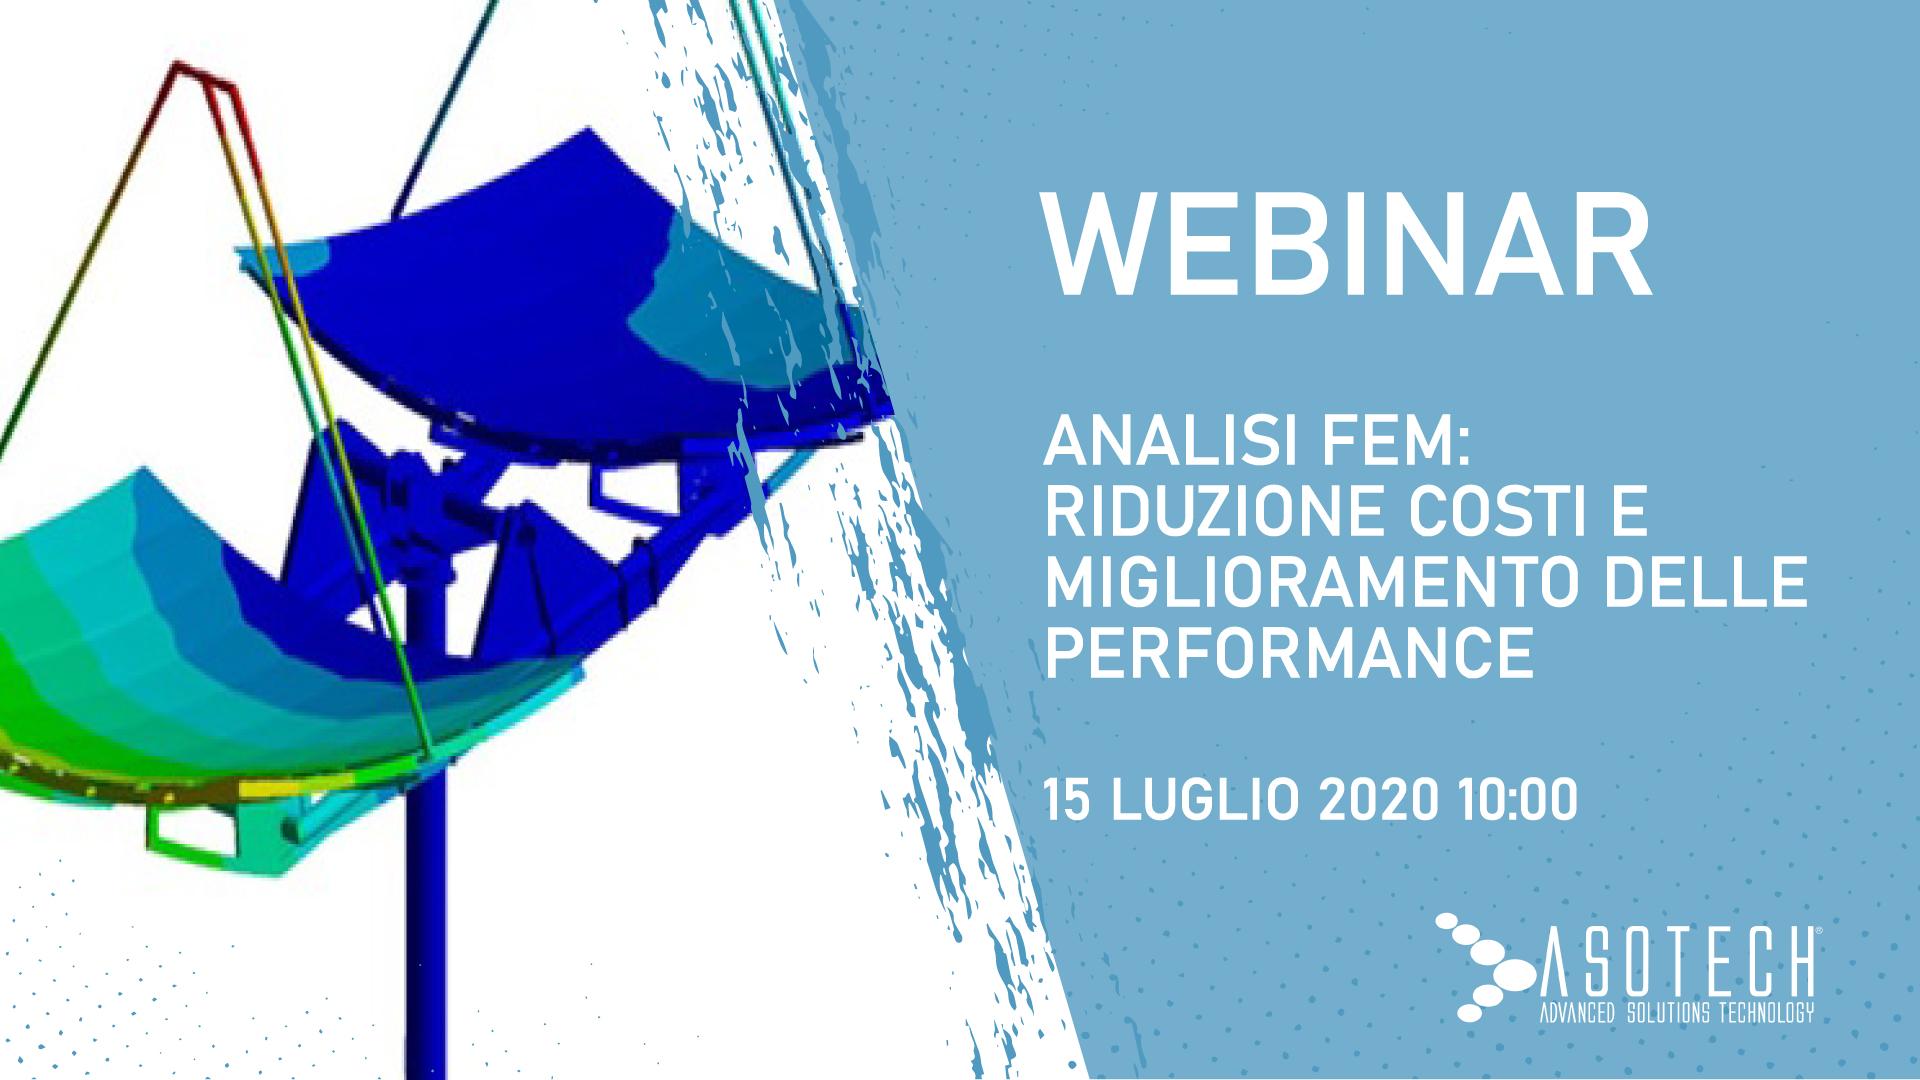 WEBINAR: Analisi FEM, riduzione costi e miglioramentoperformance